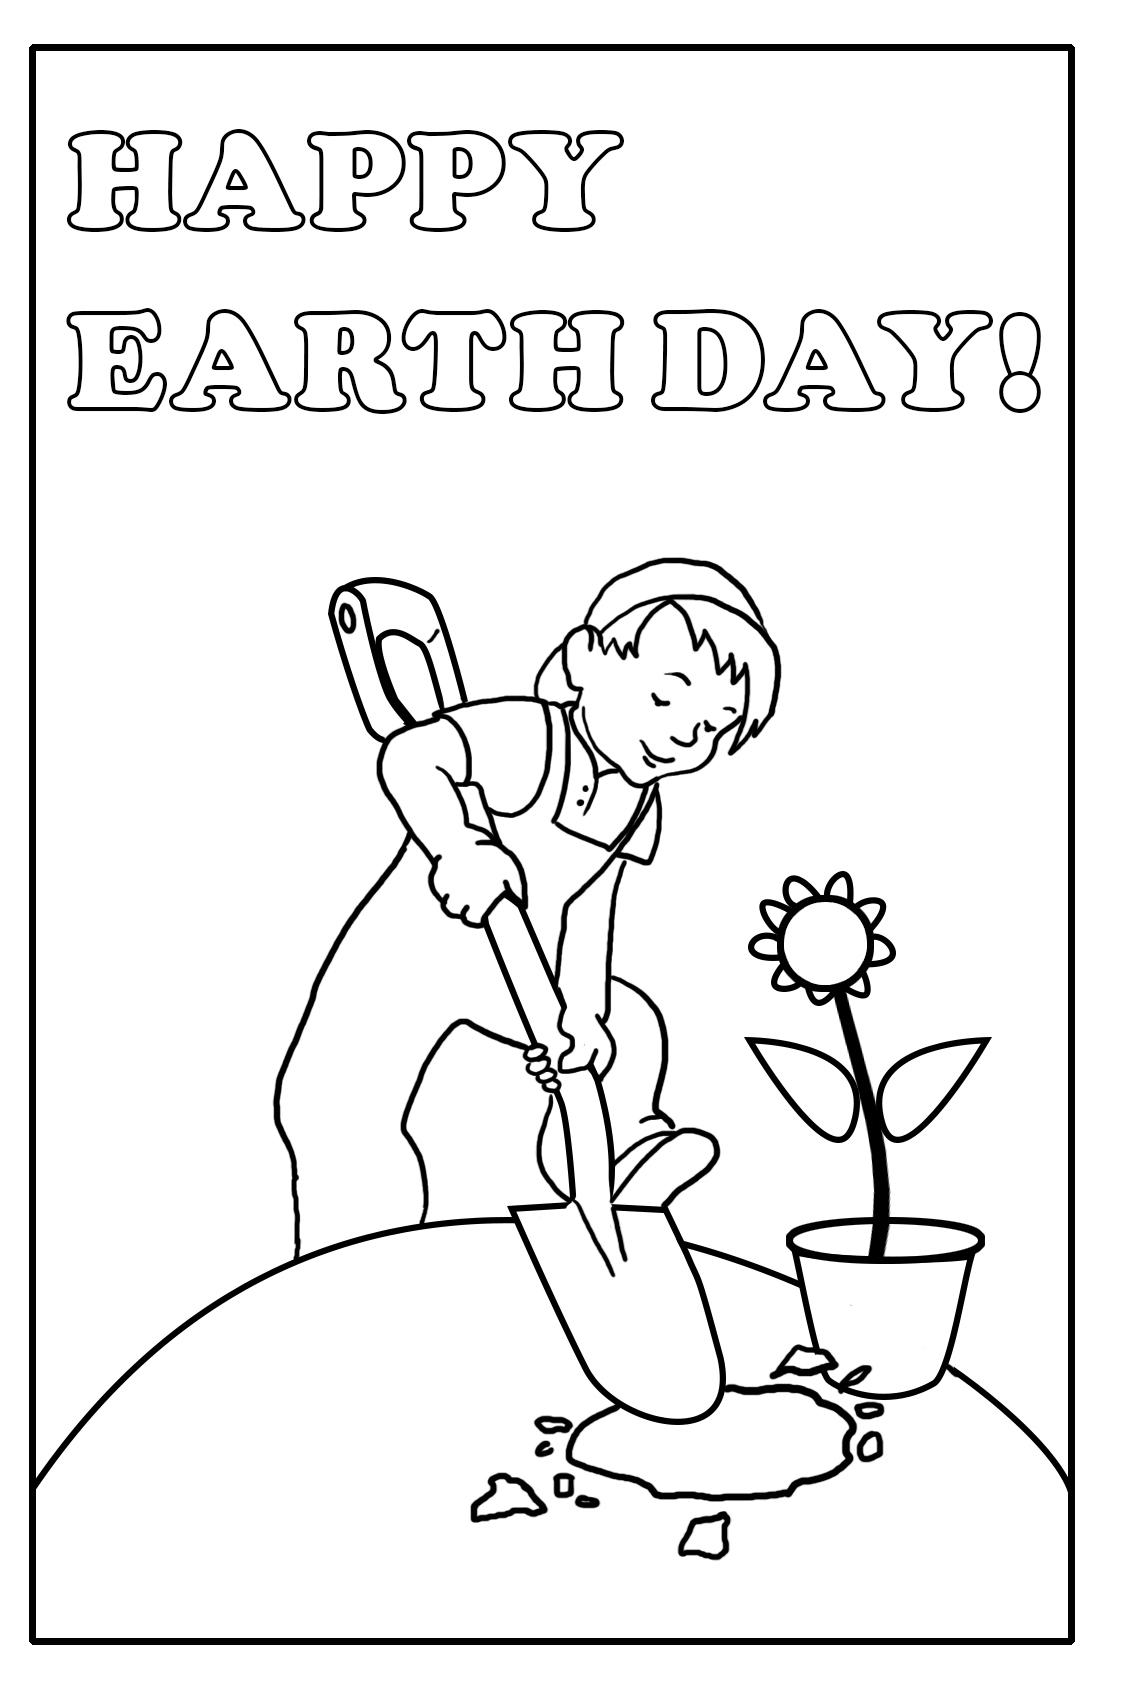 Happy Earth Day boy planting flower